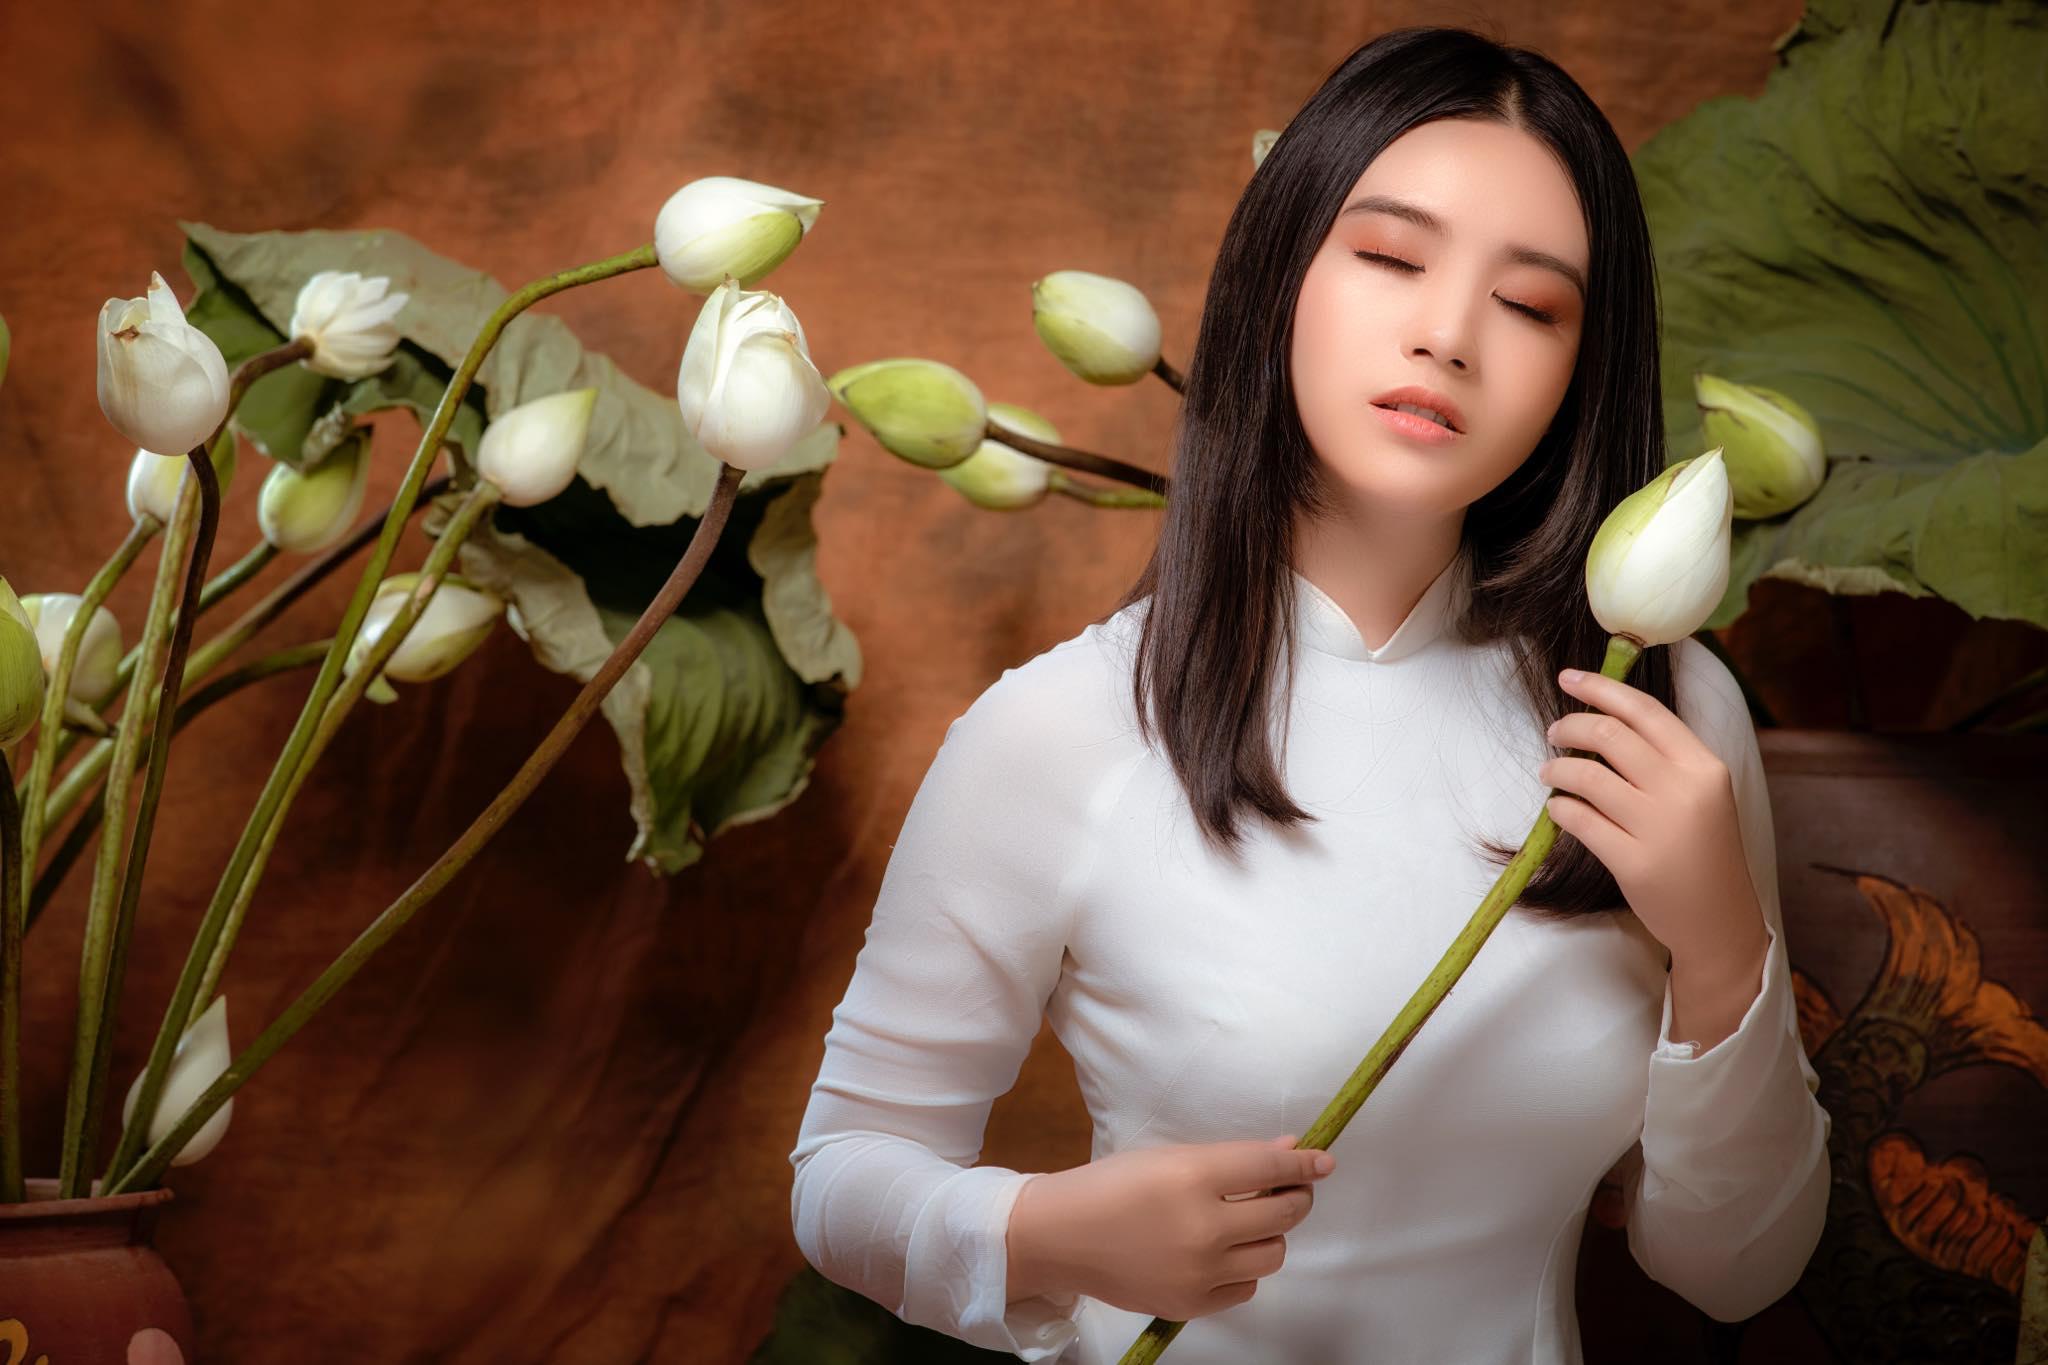 Linh Miu lột xác ngỡ ngàng sau khi lộ hình xăm 'chỗ hiểm' gây tranh cãi - 1